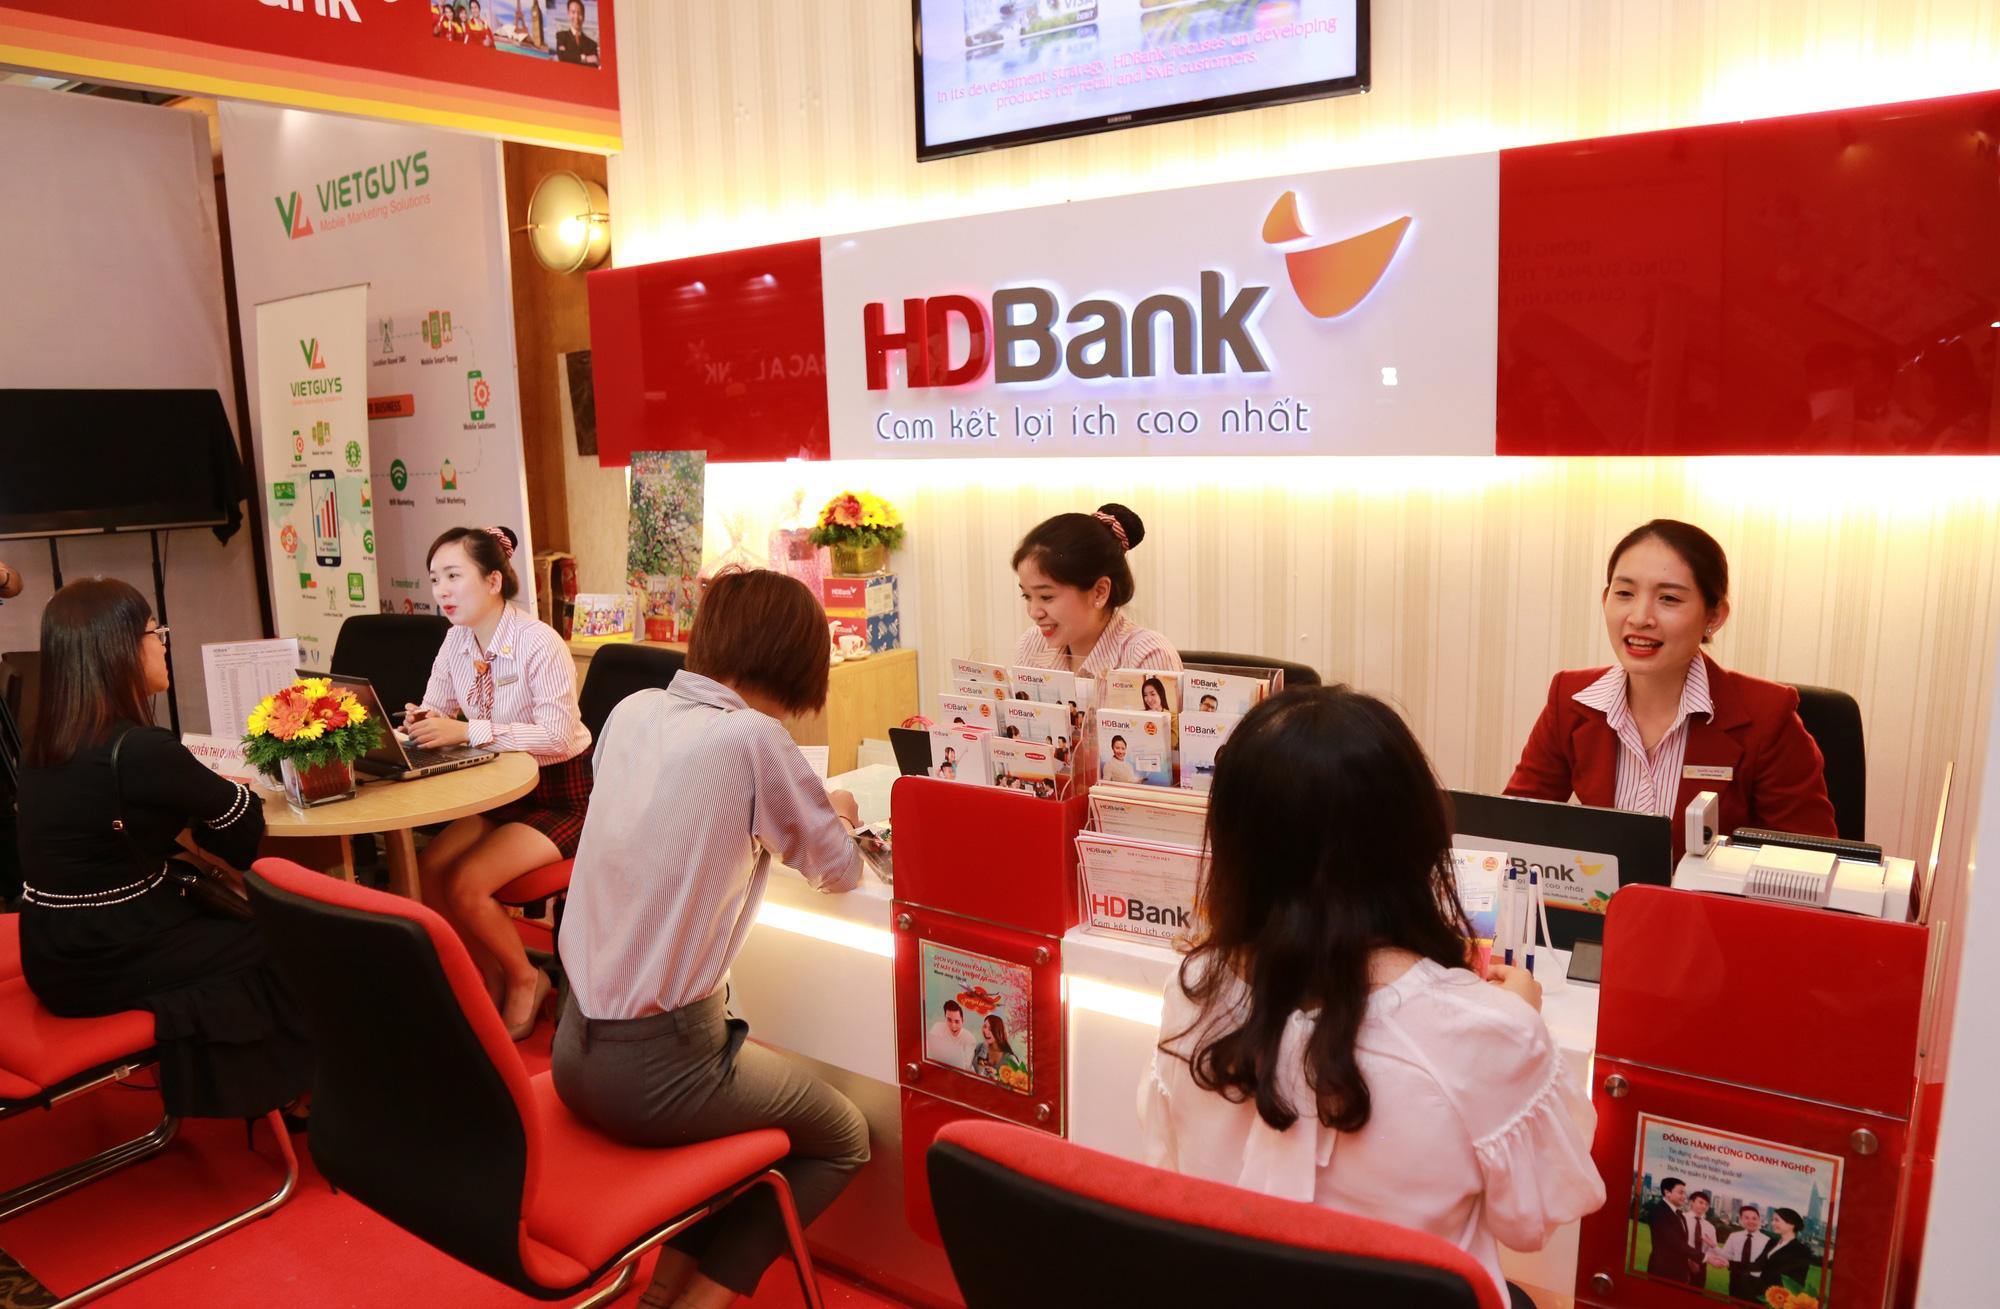 Giờ làm việc ngân hàng HDBank 2020 mới nhất